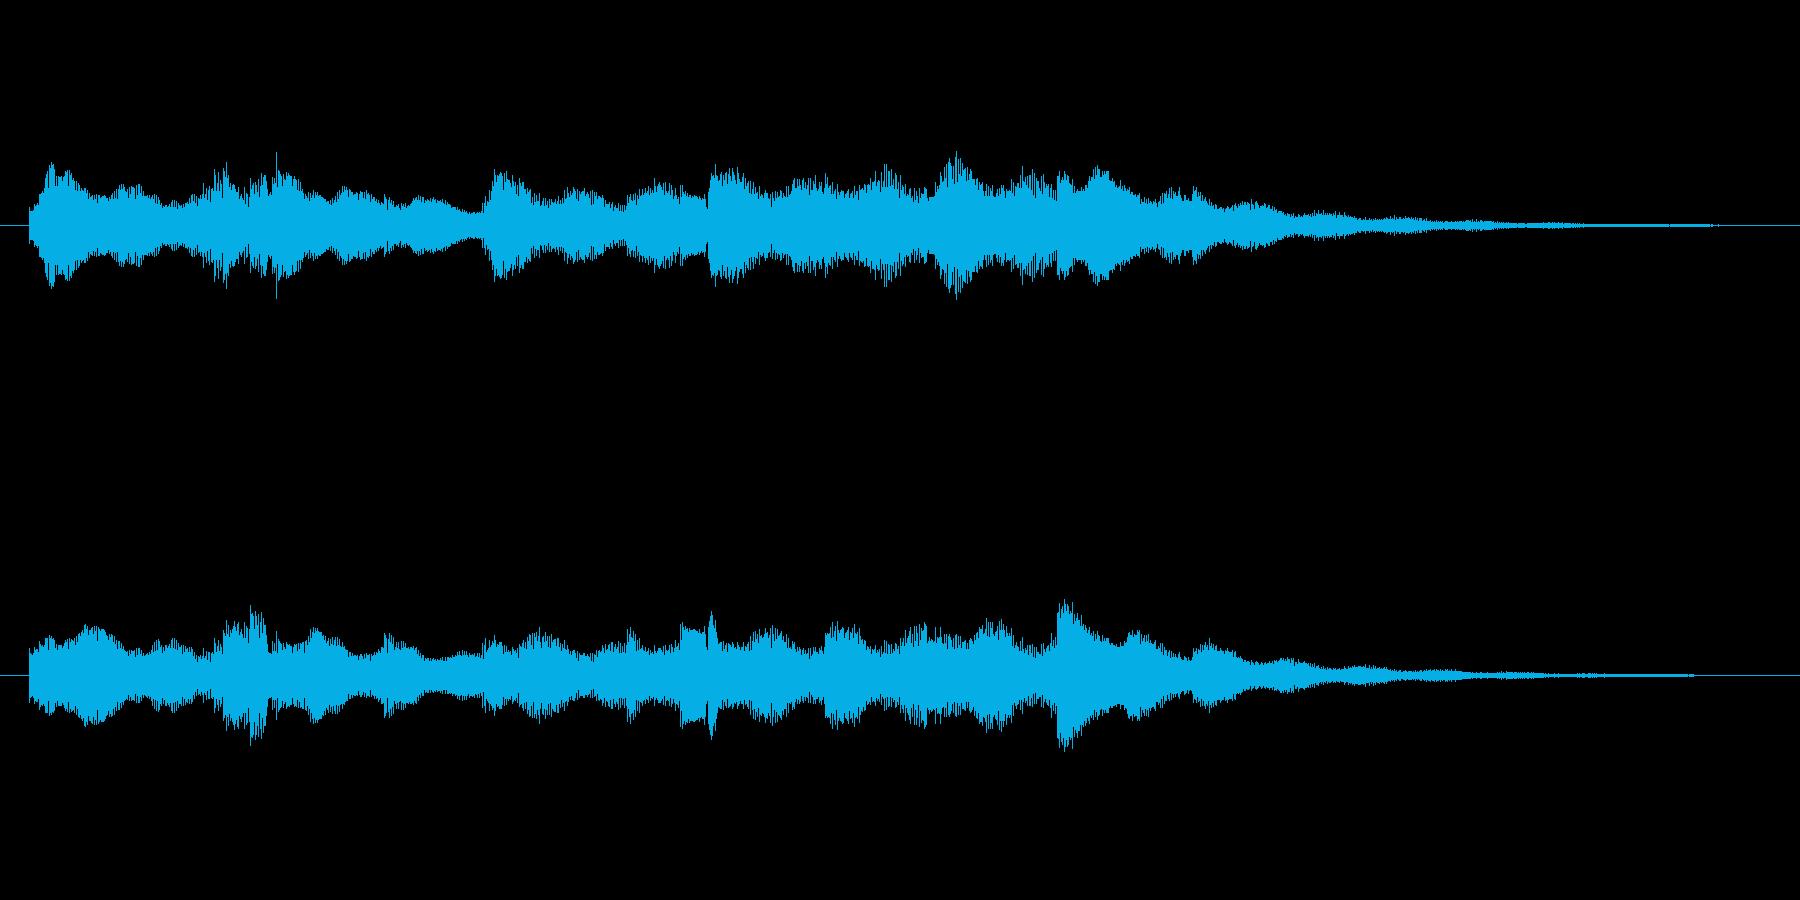 可愛らしい小休止的なジングルの再生済みの波形